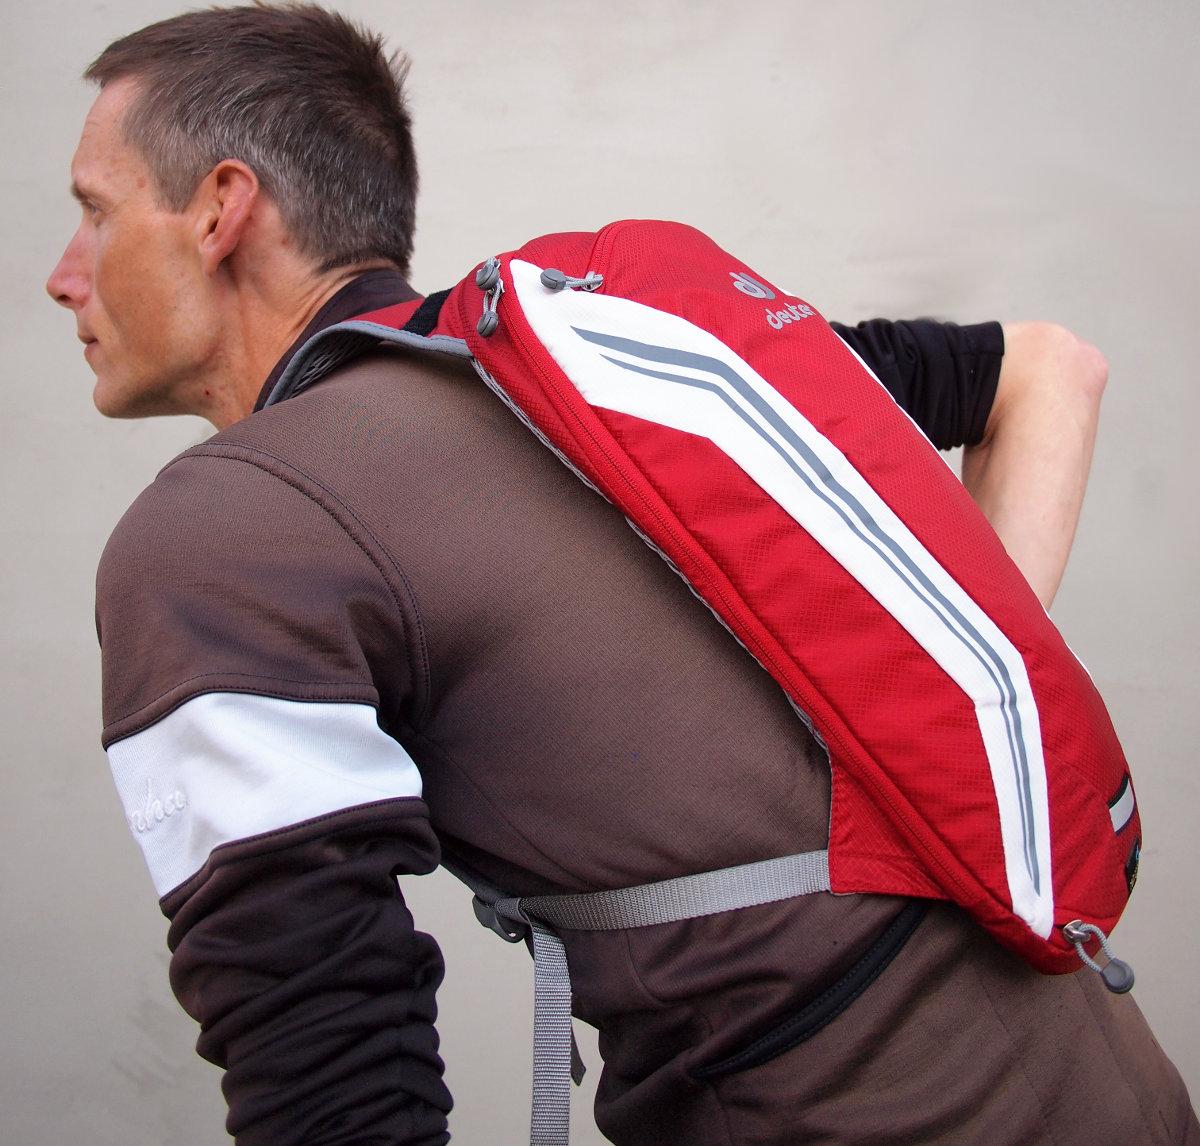 Teljesítmény-orientált országúti kerékpározáshoz tervezett könnyű hátizsák...